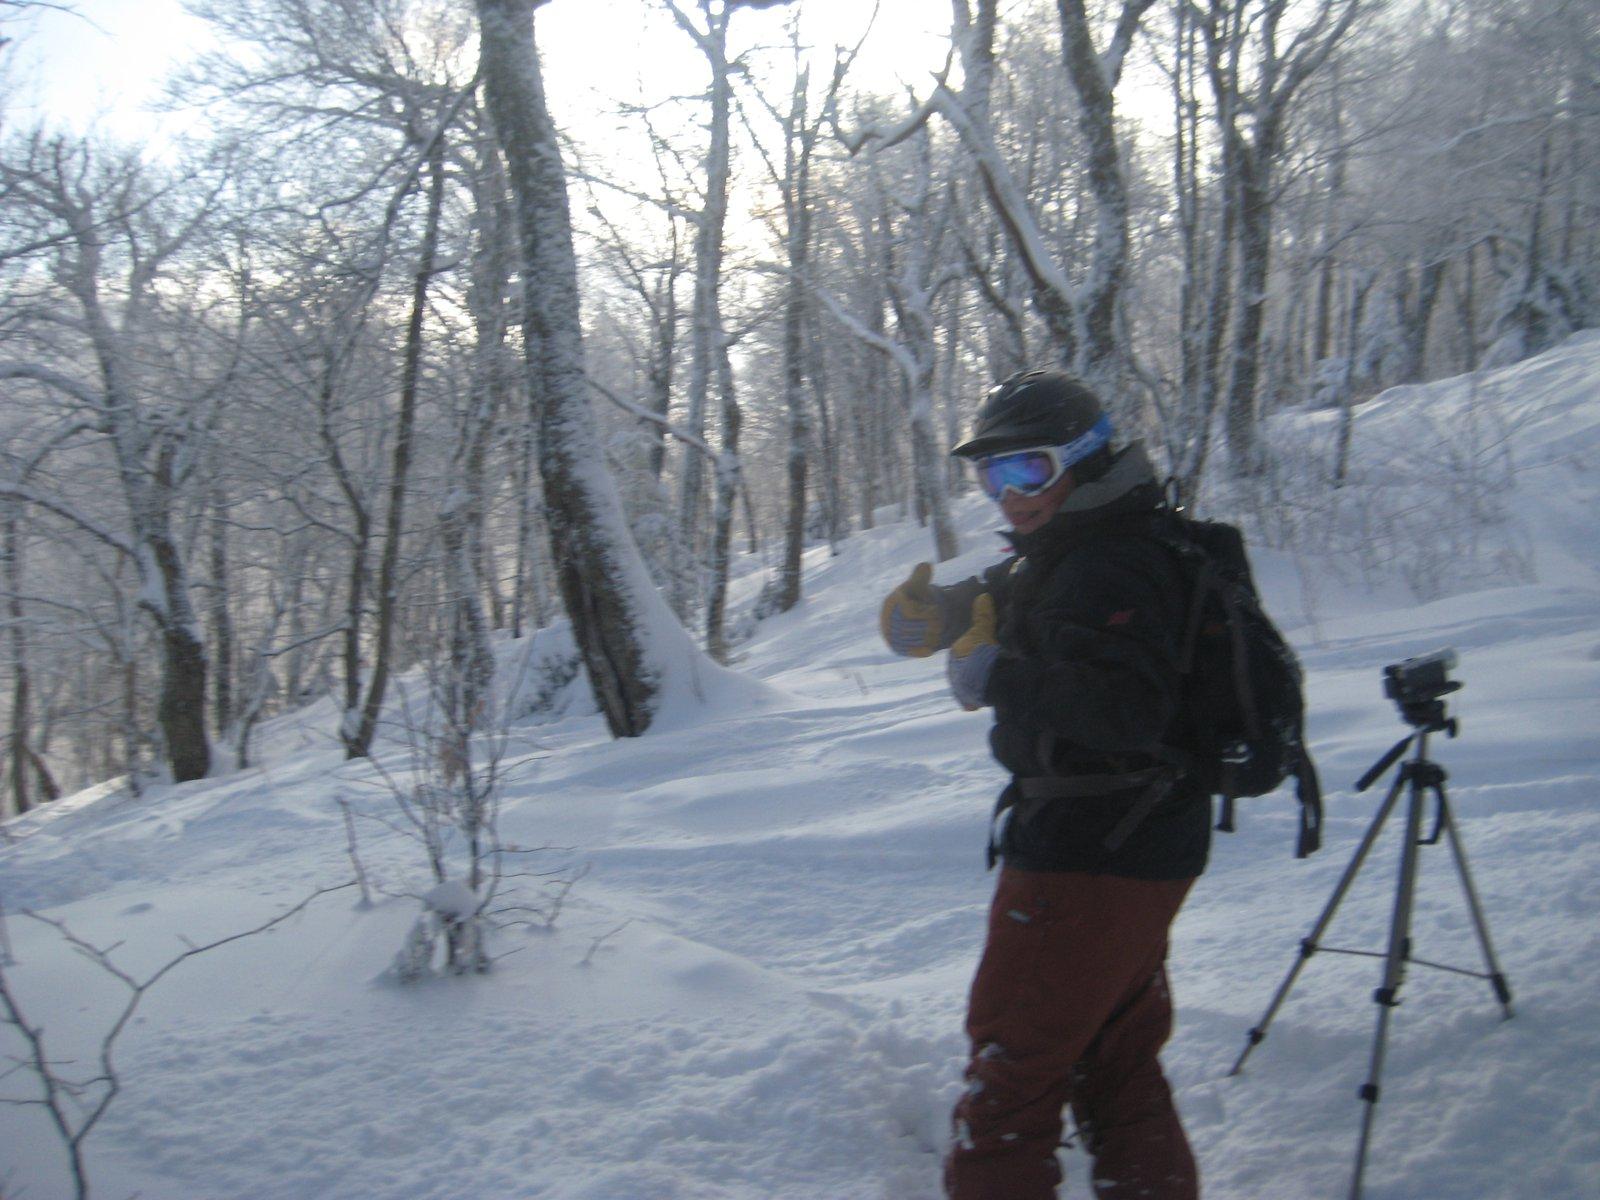 Woods at Jay Peak